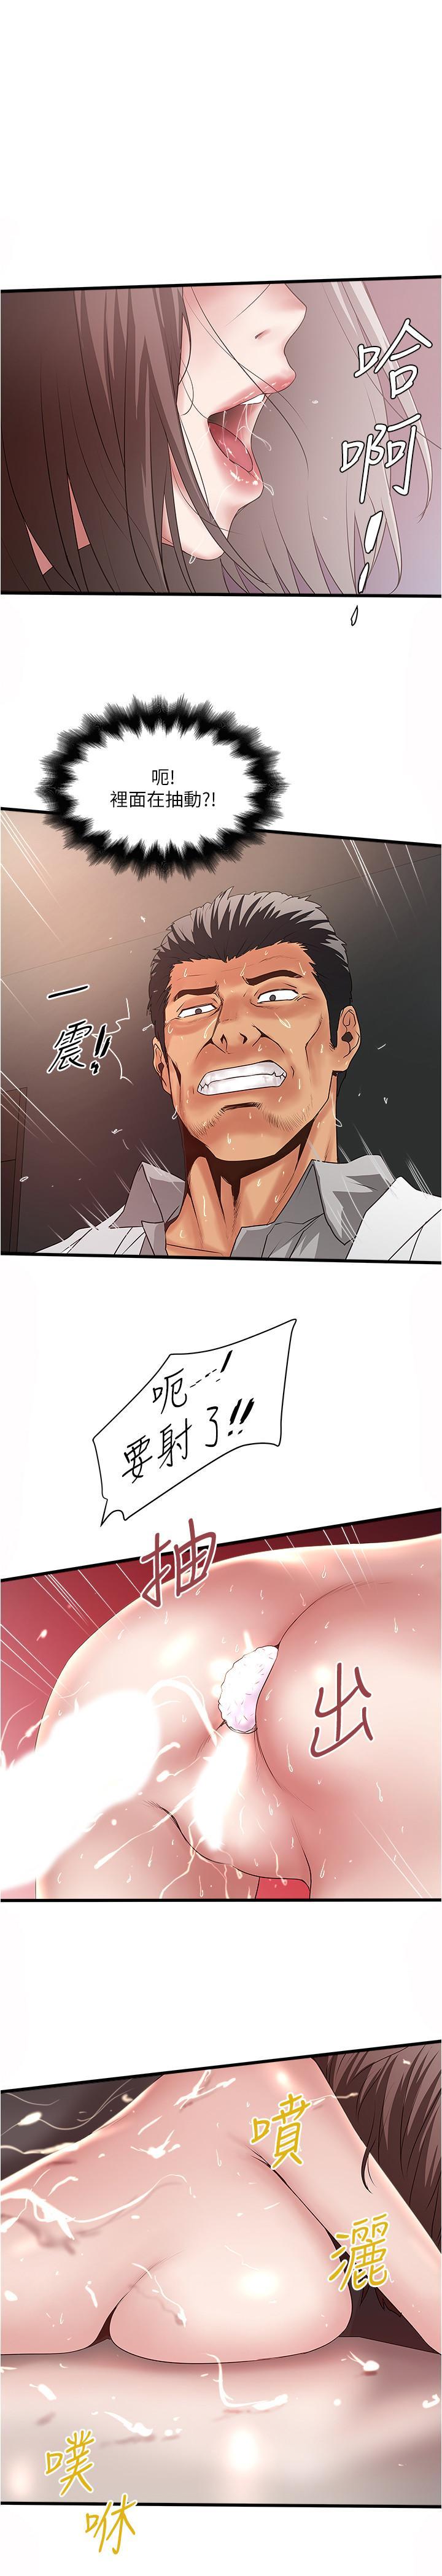 第92話 - 俊皓先生,懲罰我吧